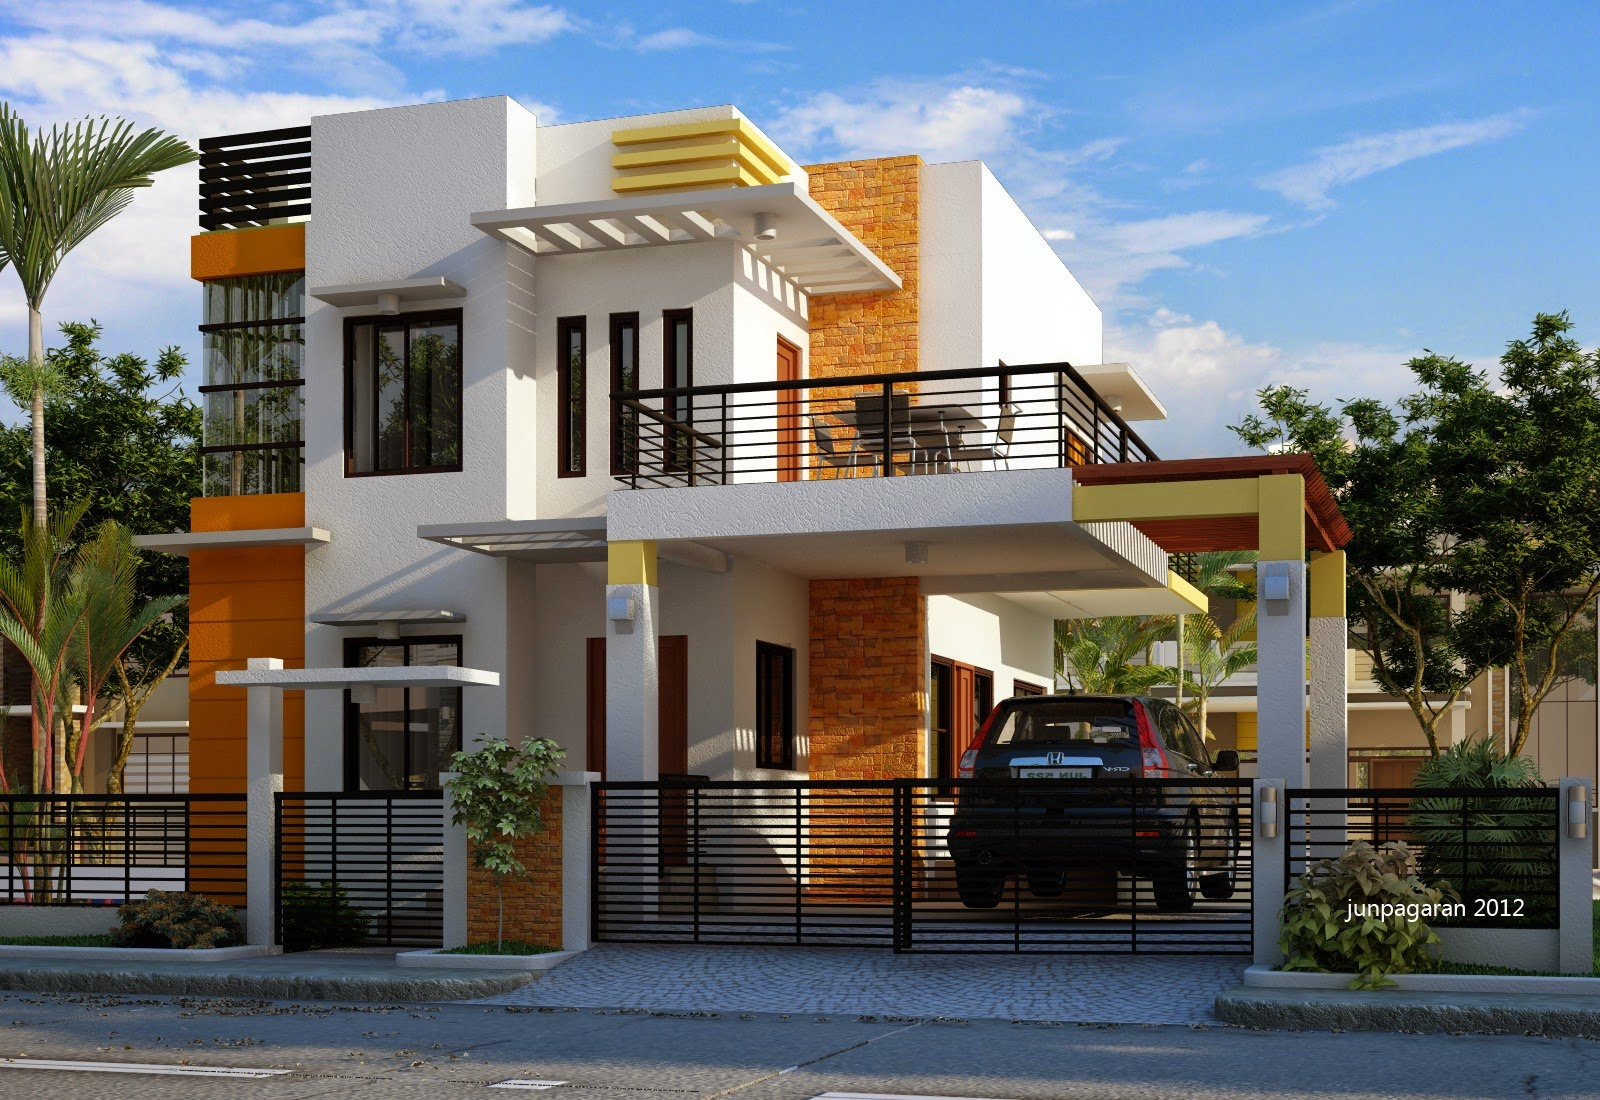 Desain Rumah Minimalis Dua Lantai RAJA DISAIN INTERIOR